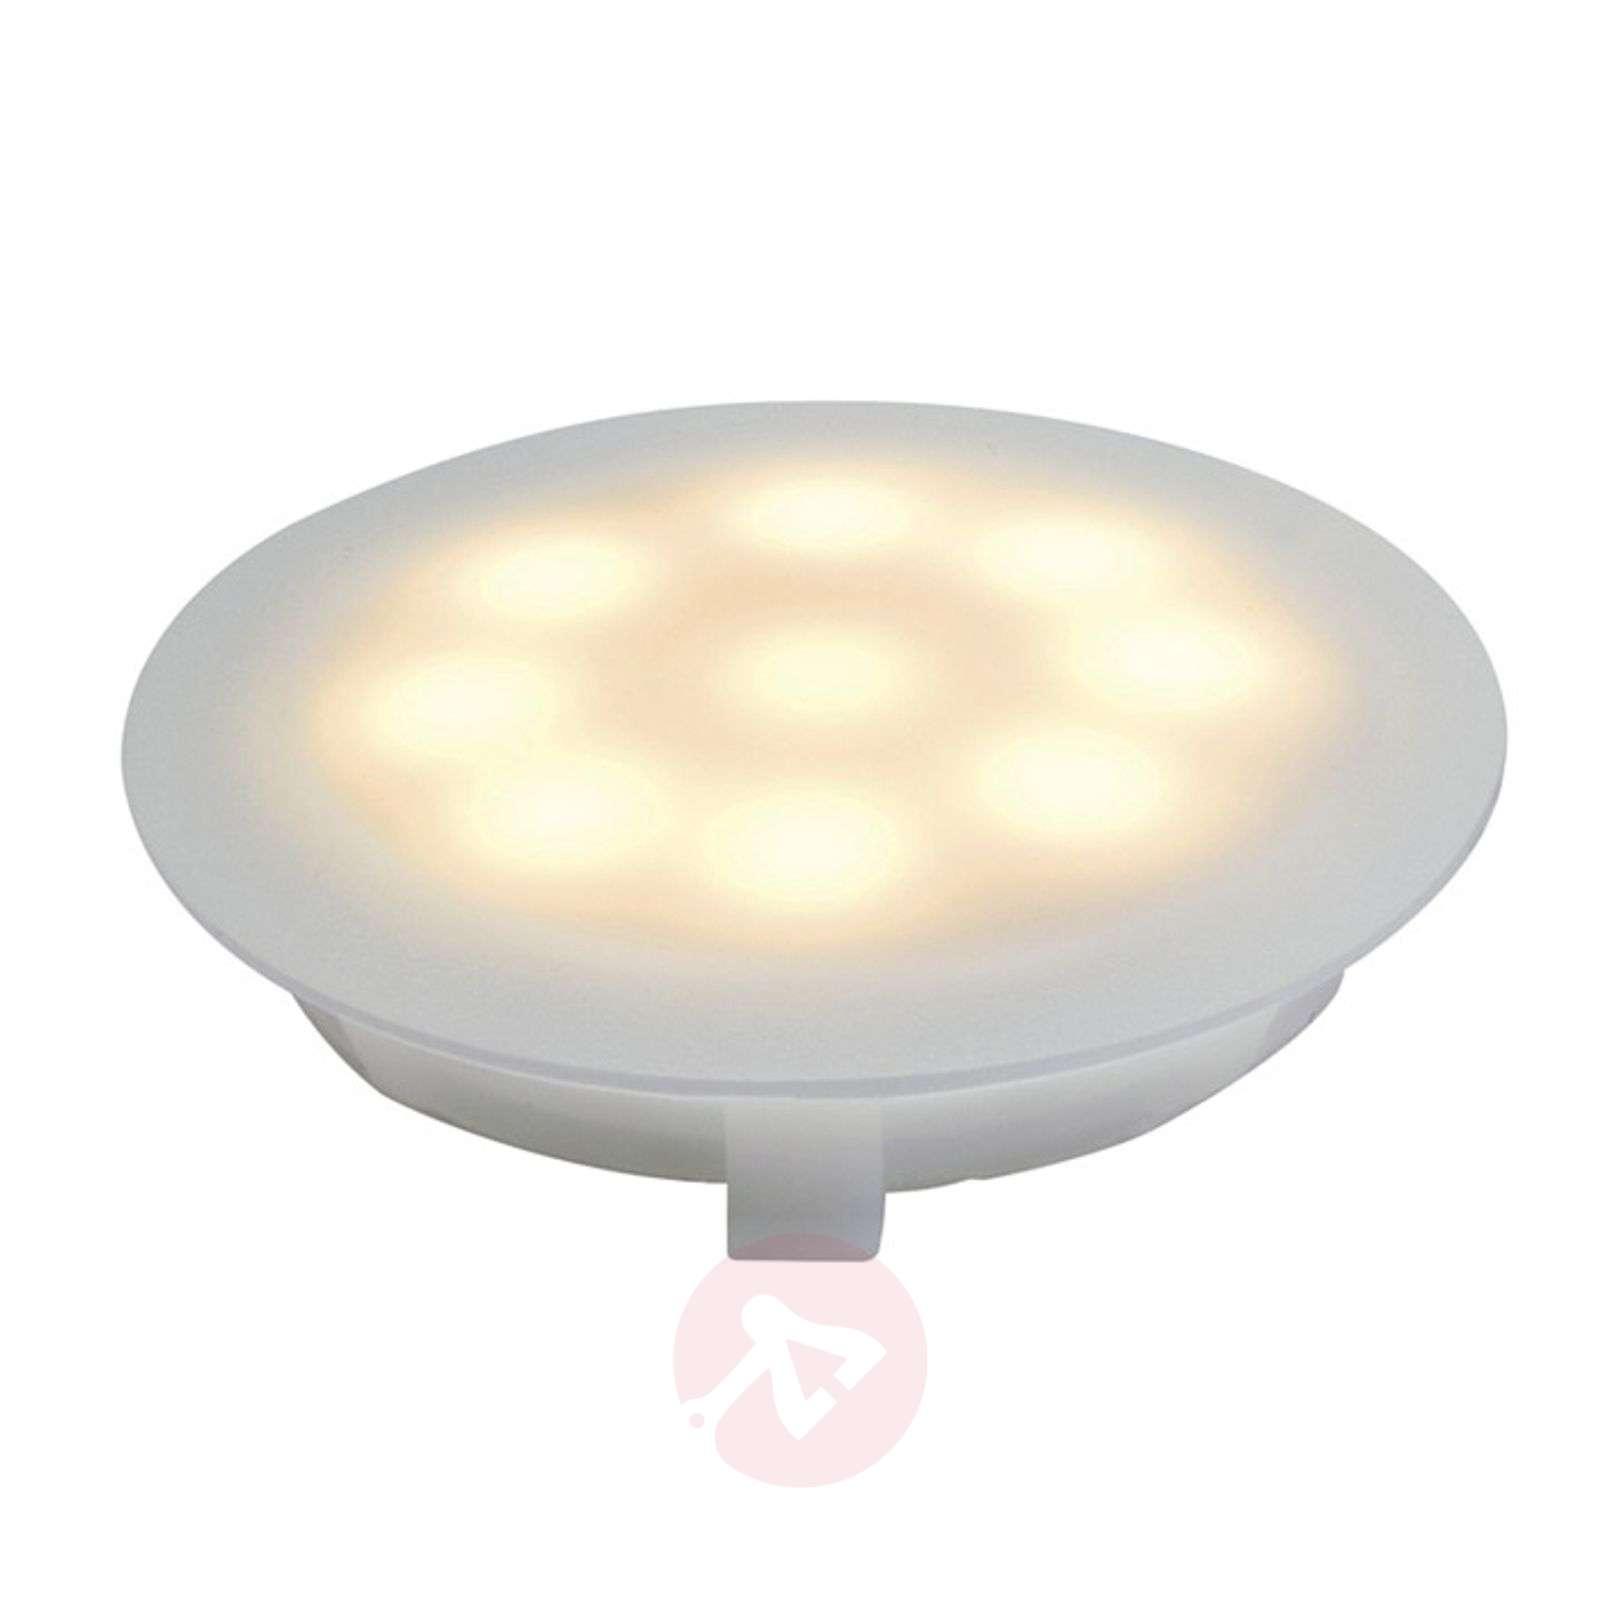 LED-uppokohdevalaisin satinoitu 1x1W lämmin valk.-7600512-01